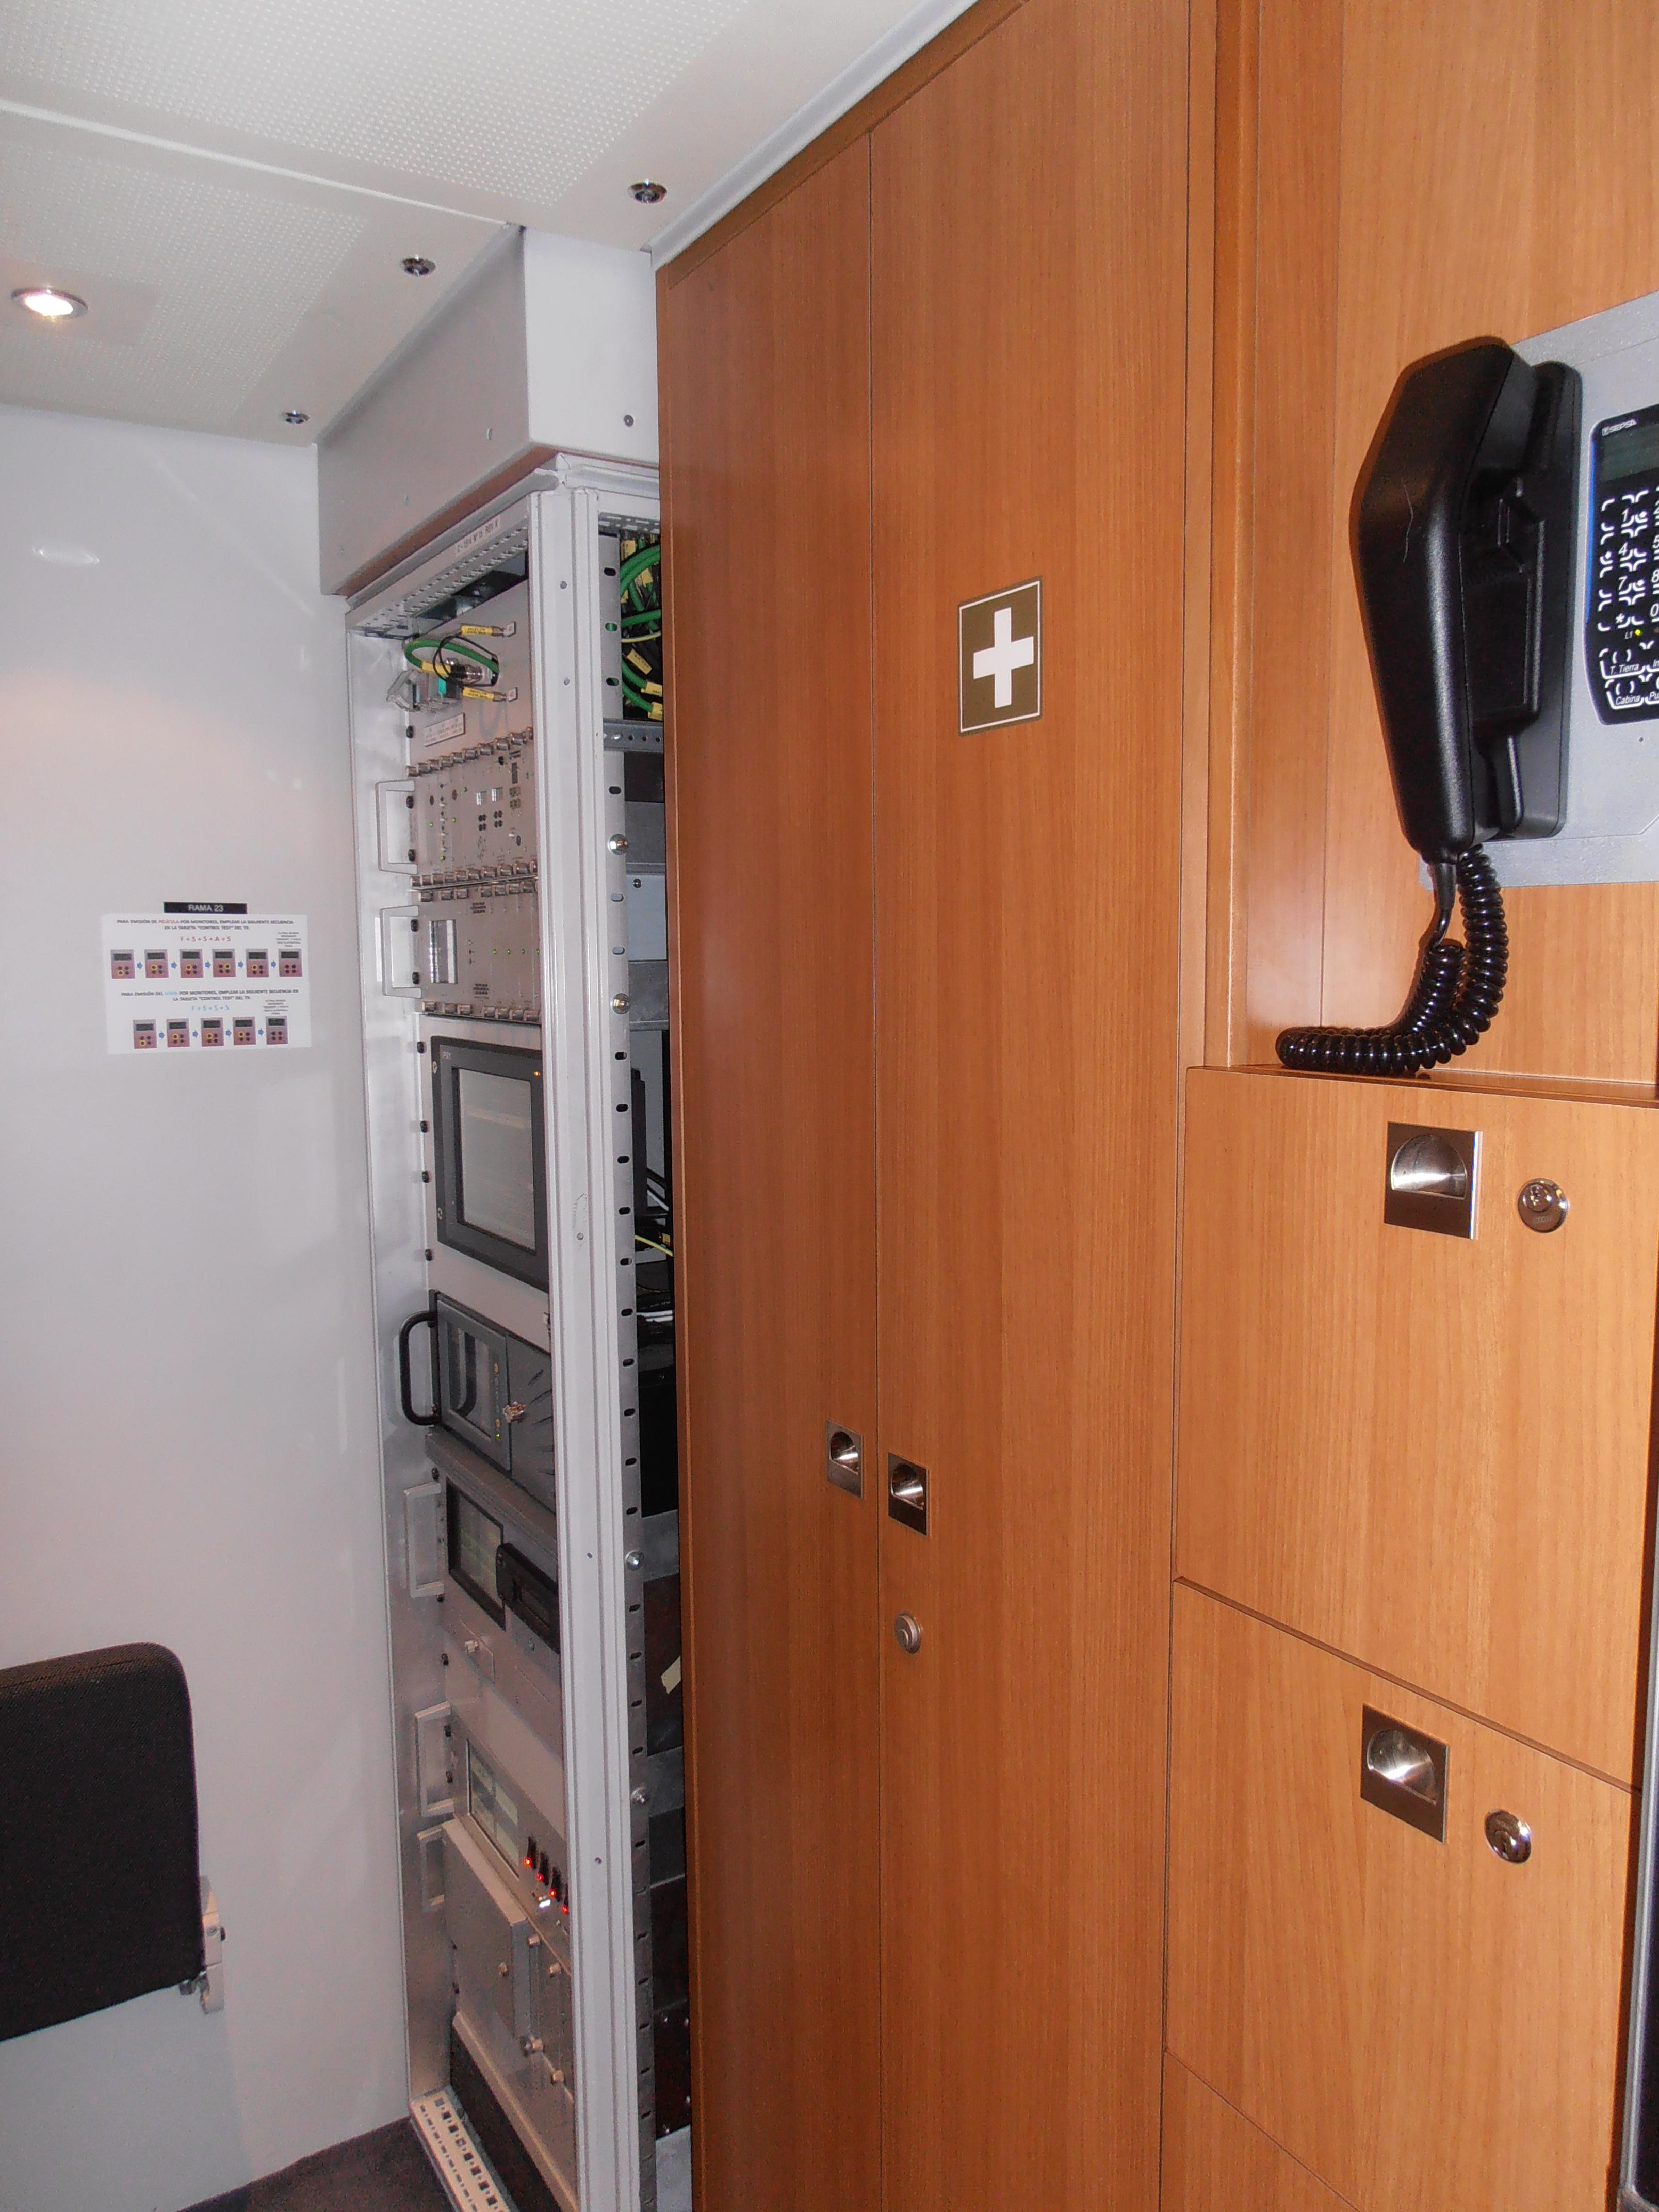 'Cuarto' multimedia del tren S.112, donde se aprecia un rack con los equipos informáticos y multimedia que proveen de servicio de megafonía, audio y vídeo a todo el tren.